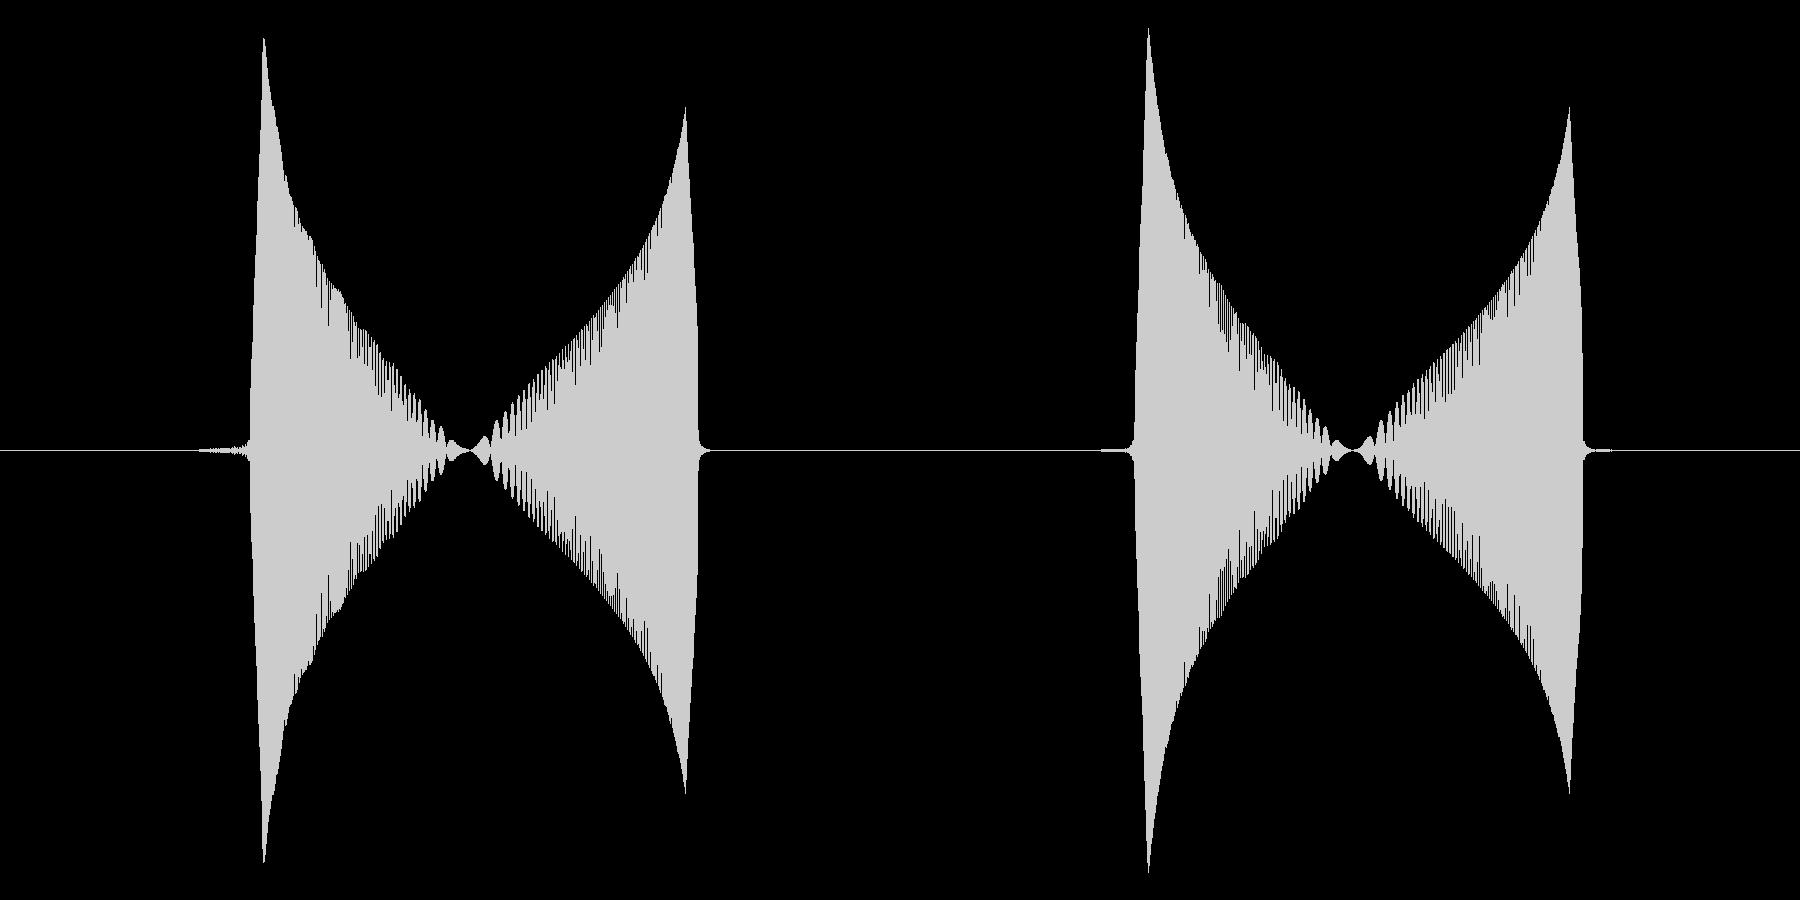 つんつん・ぱちくり(動作音2回)の未再生の波形